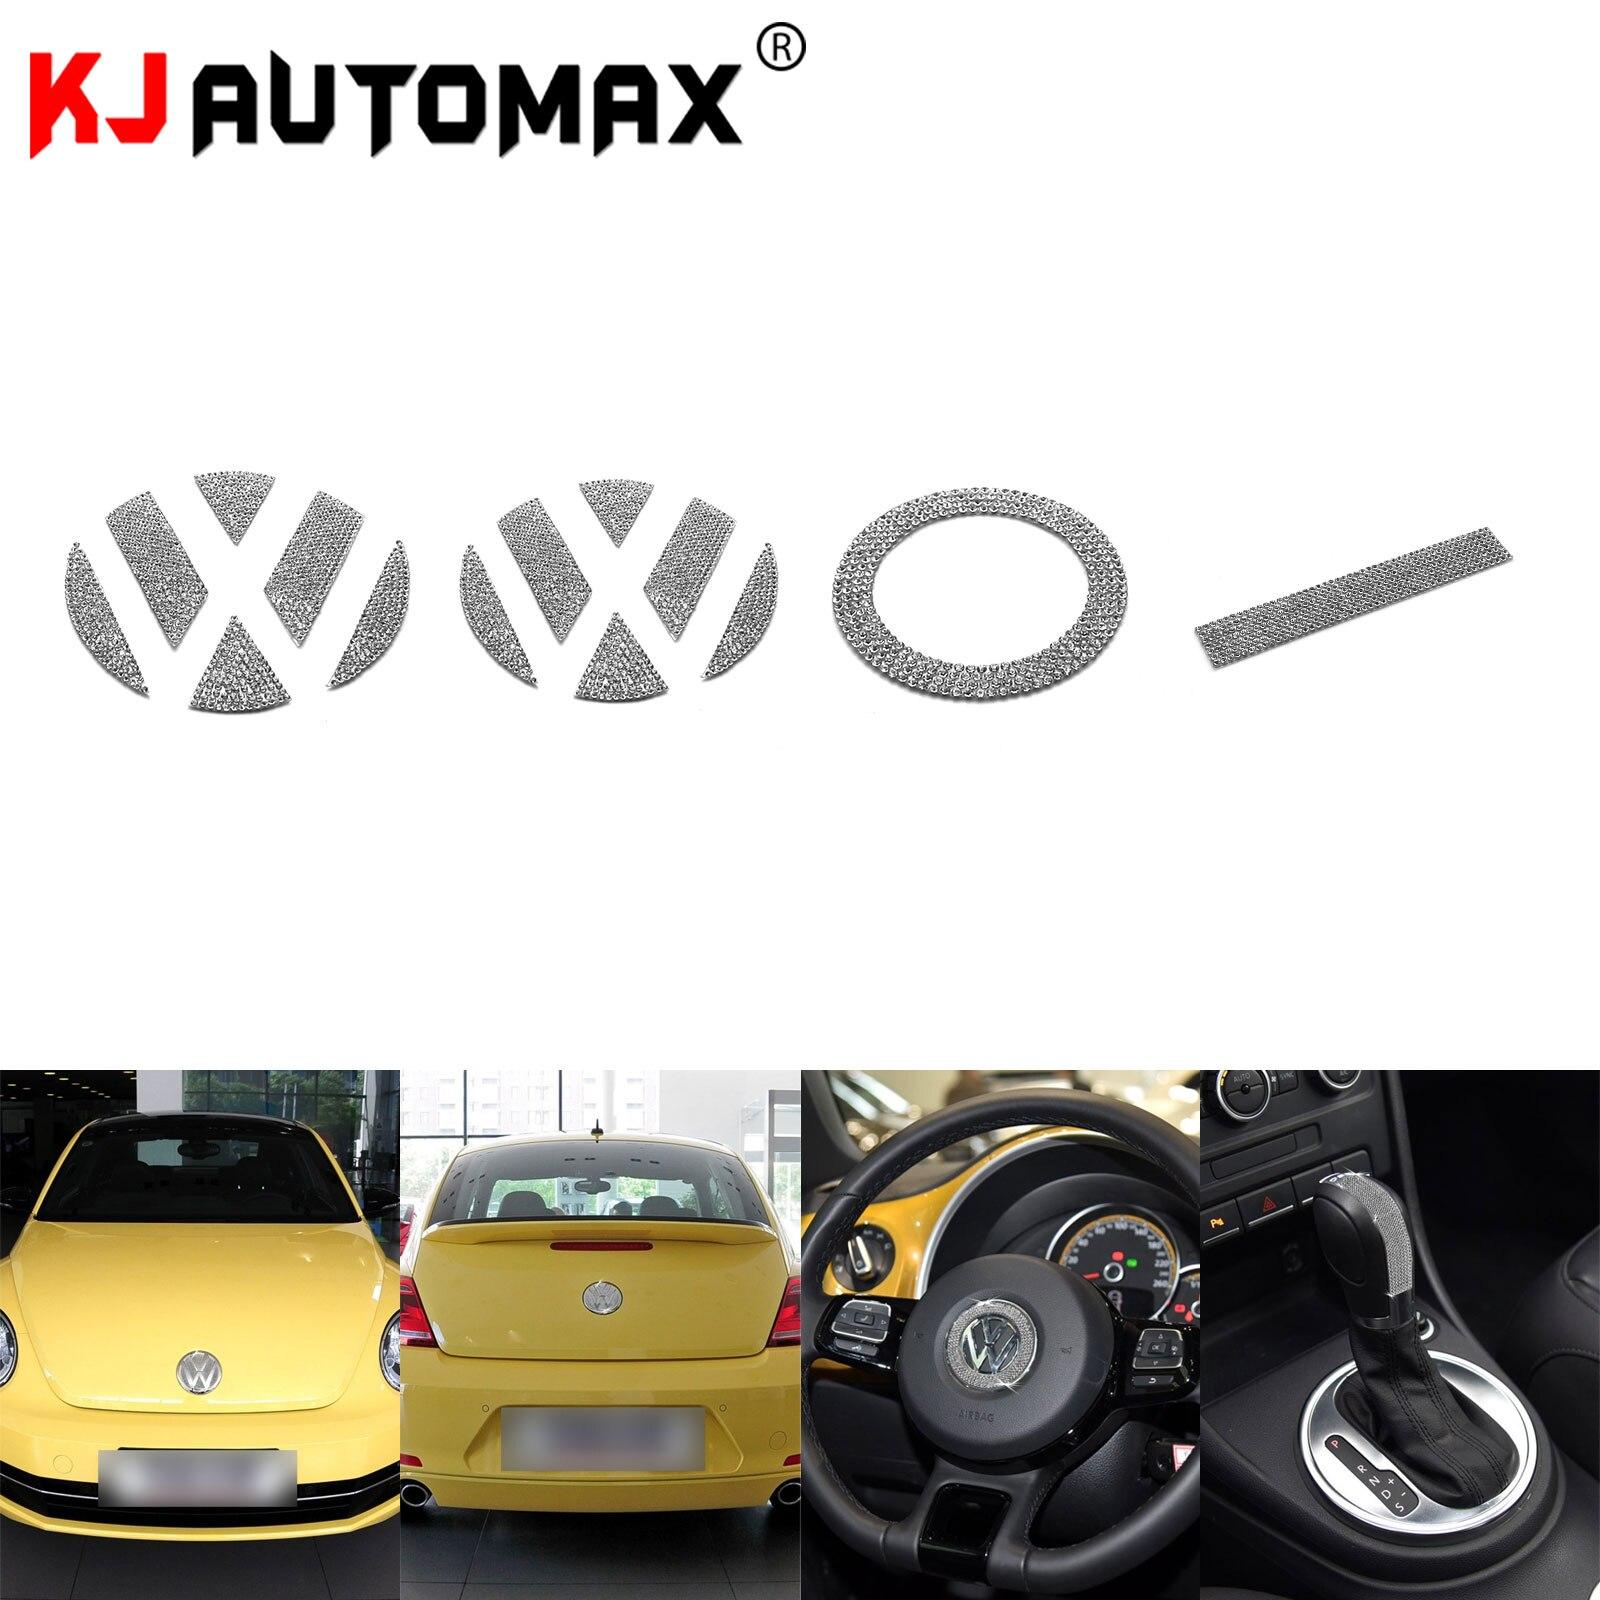 KJAUTOMAX para Beetles de Volkswagen 2000-2013, un conjunto de pegatinas de anillo emblema diamante